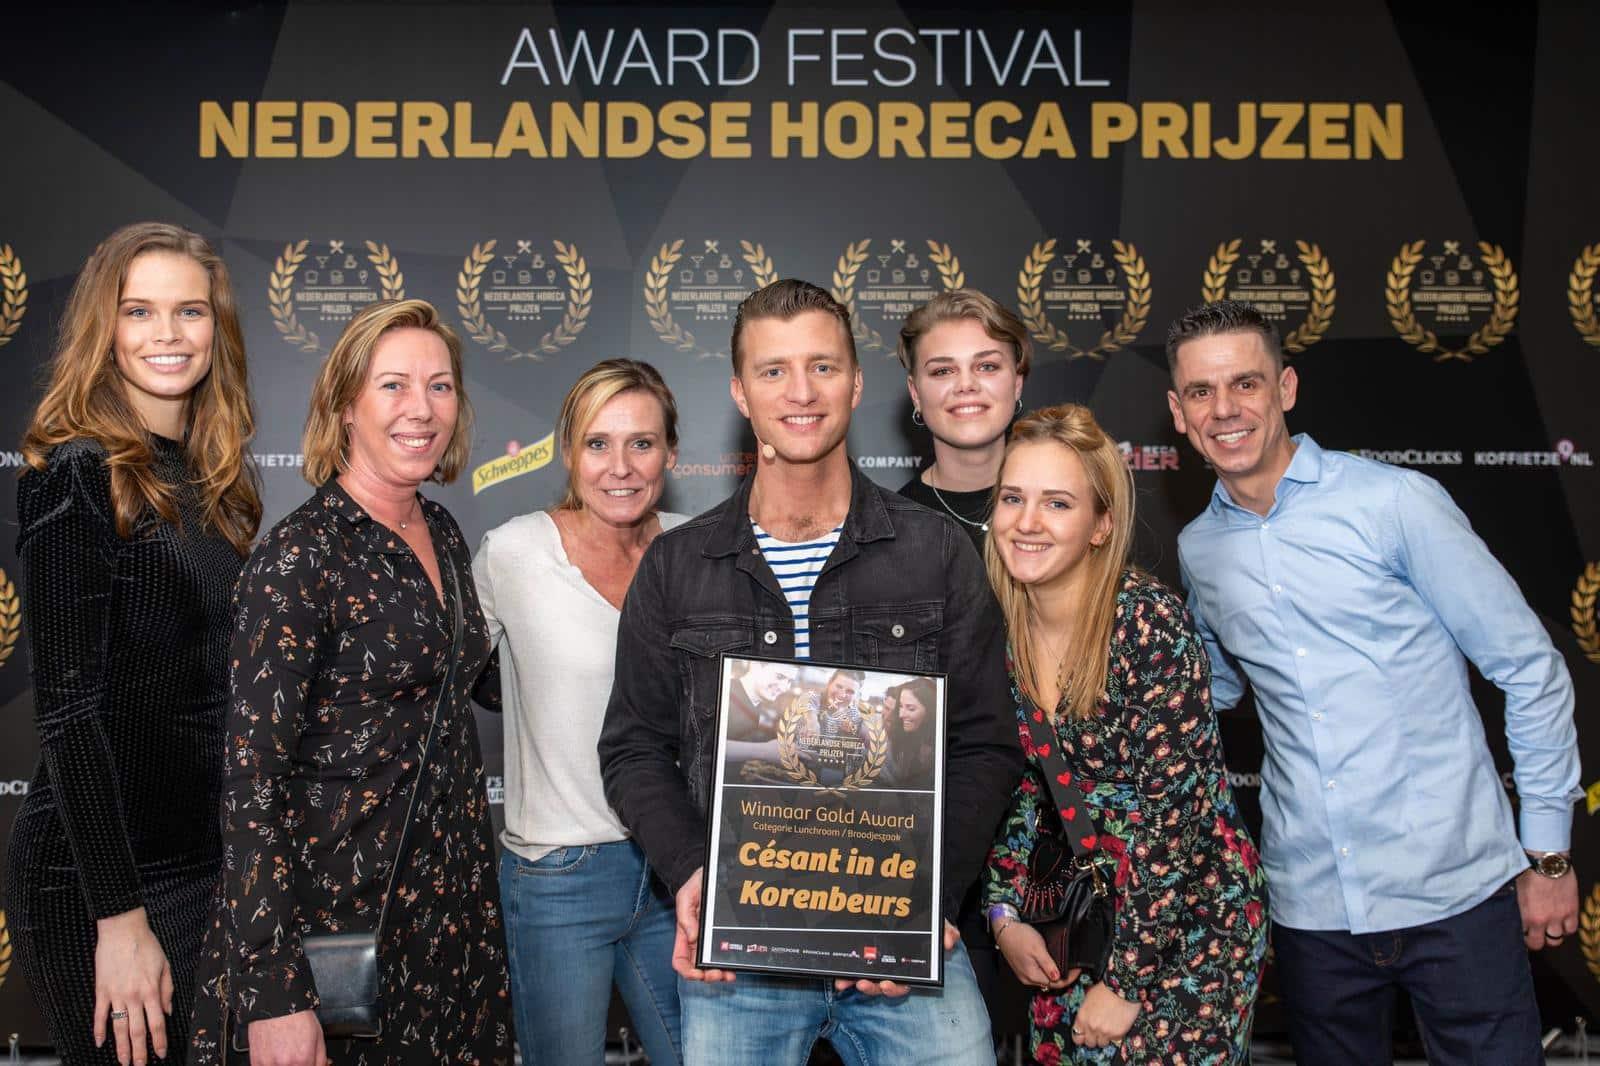 Gold Award Winnaar Césant in de Korenbeurs!